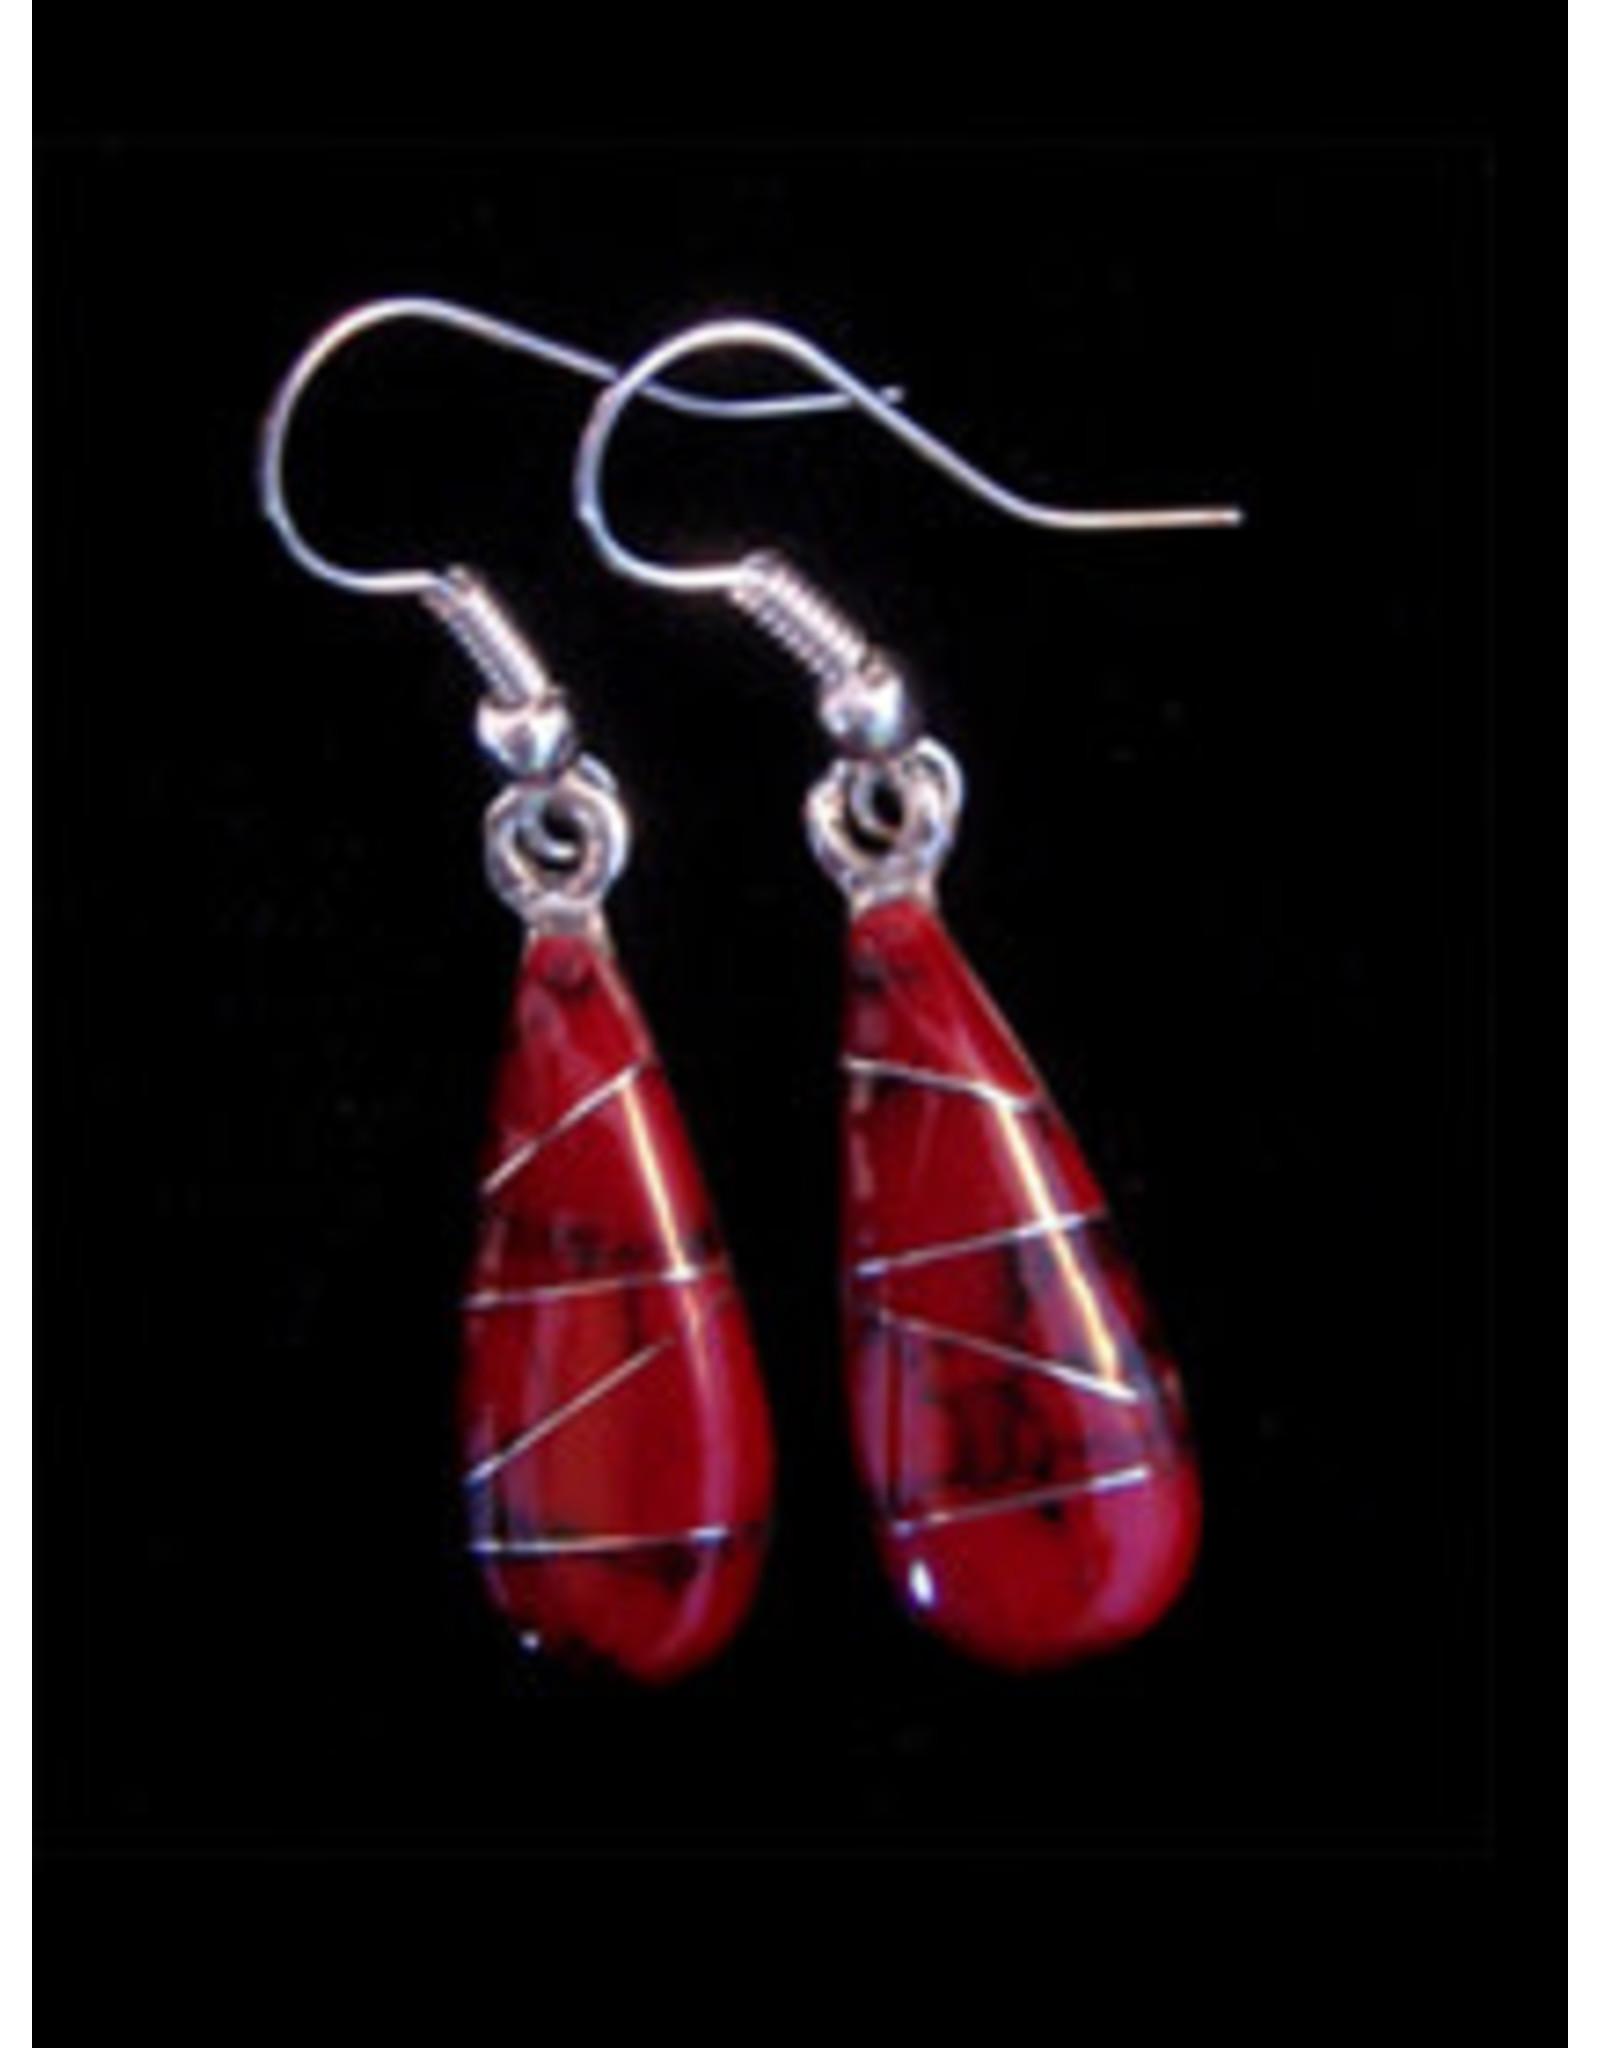 Bloodstone Jasper Mosaic Teardrop Earrings, Mexico